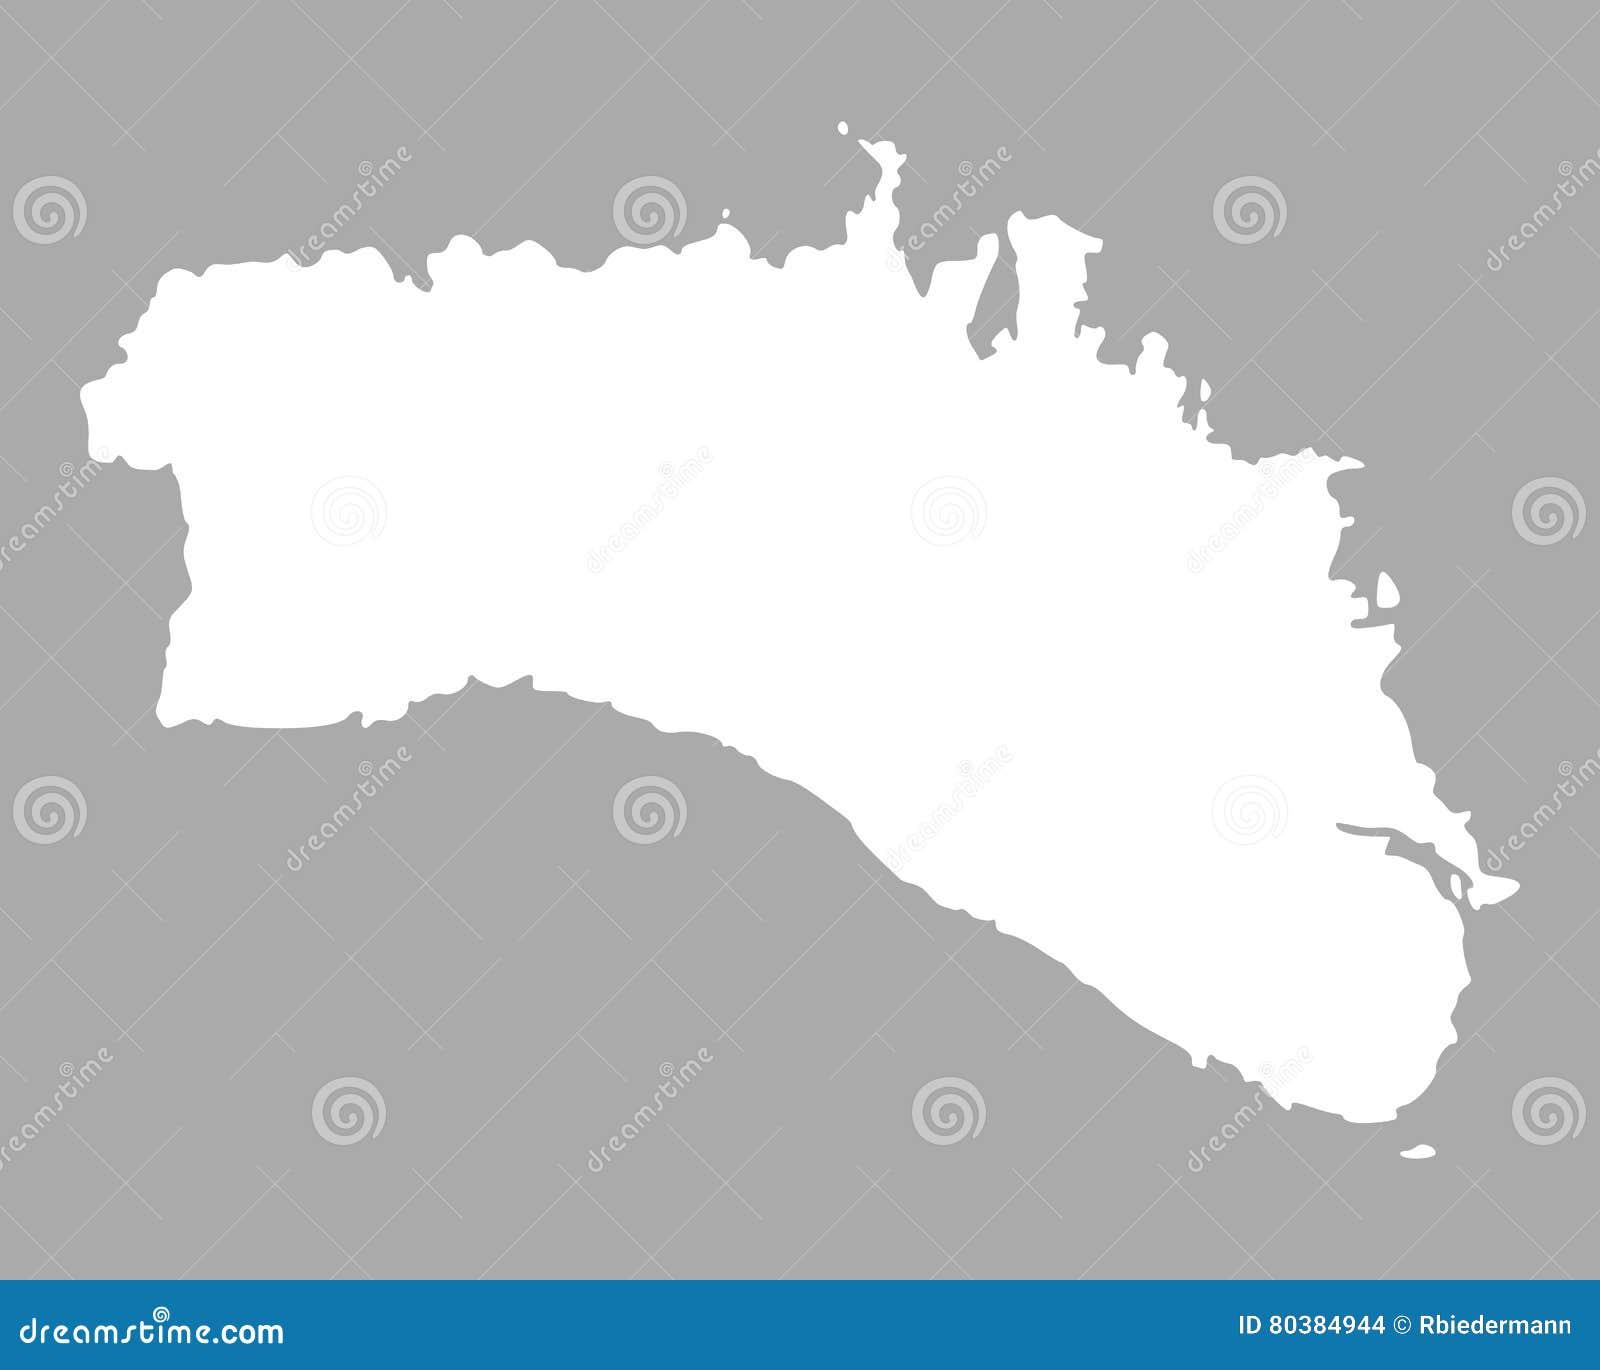 Insel Menorca Karte.Karte Von Menorca Vektor Abbildung Illustration Von Spanien